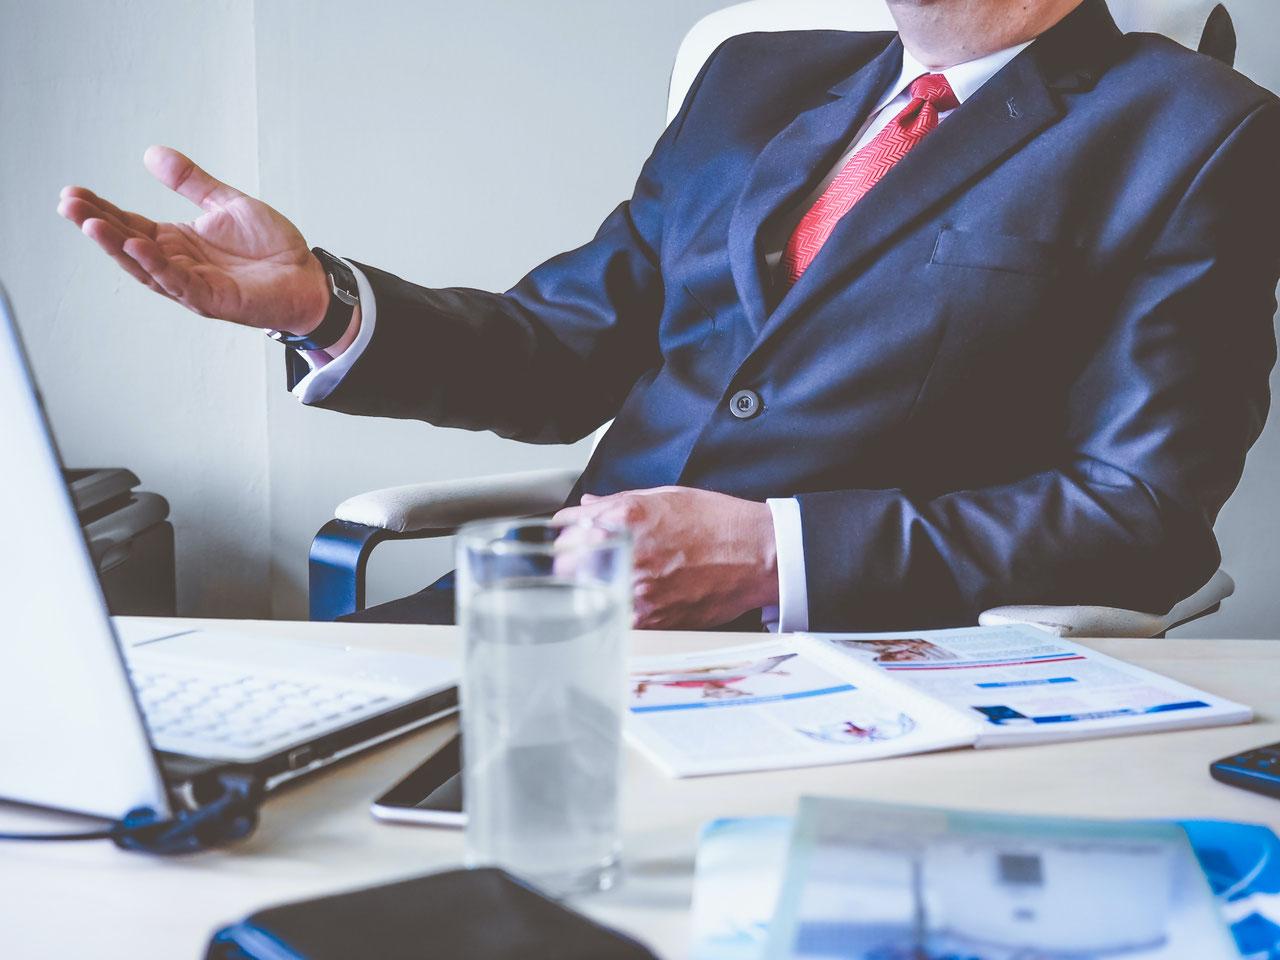 サラリーマンからの転身や副業に、どうして専門家やコンサルタントをすすめるのか?